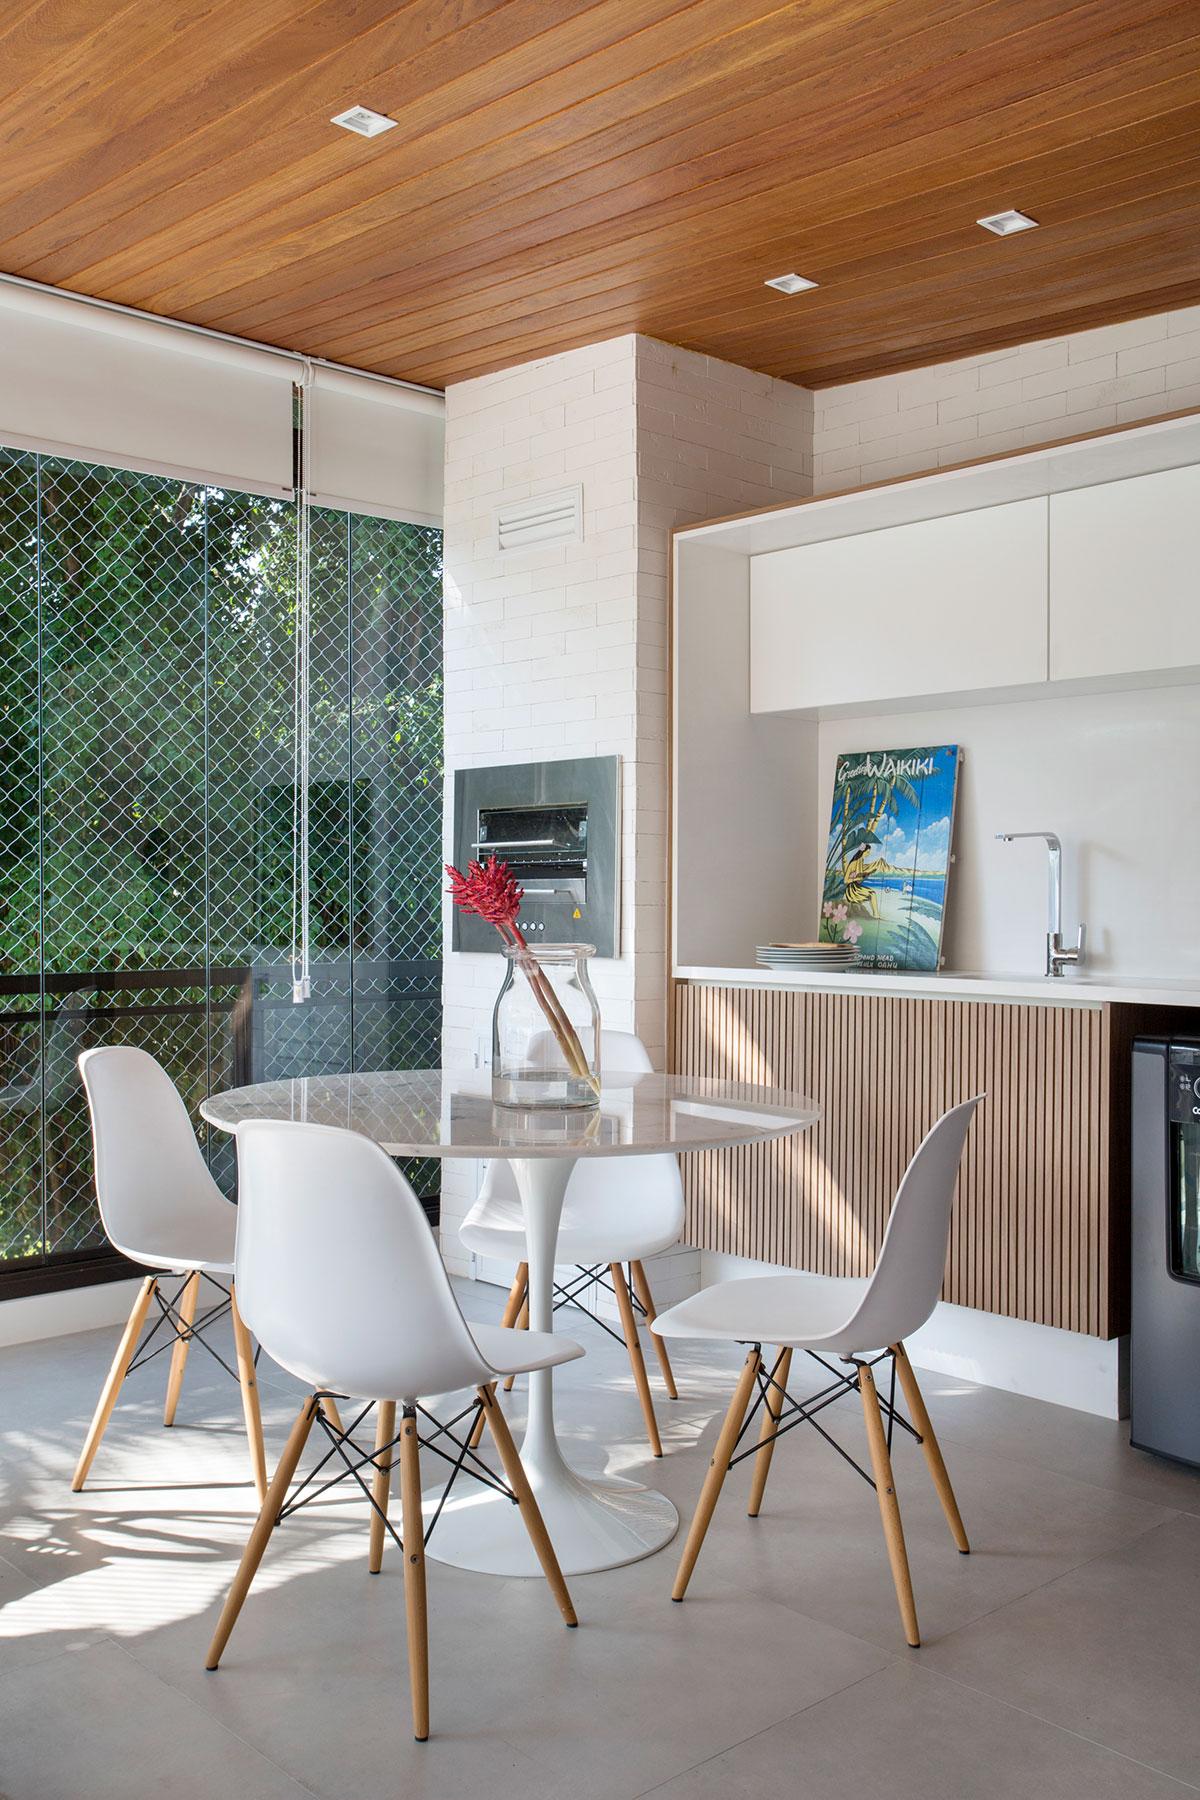 Cozinha clean com entrada de luz natural. Cadeiras brancas com pés de madeira e mesa redonda. Armários da pia com madeira ripada e teto de madeira.